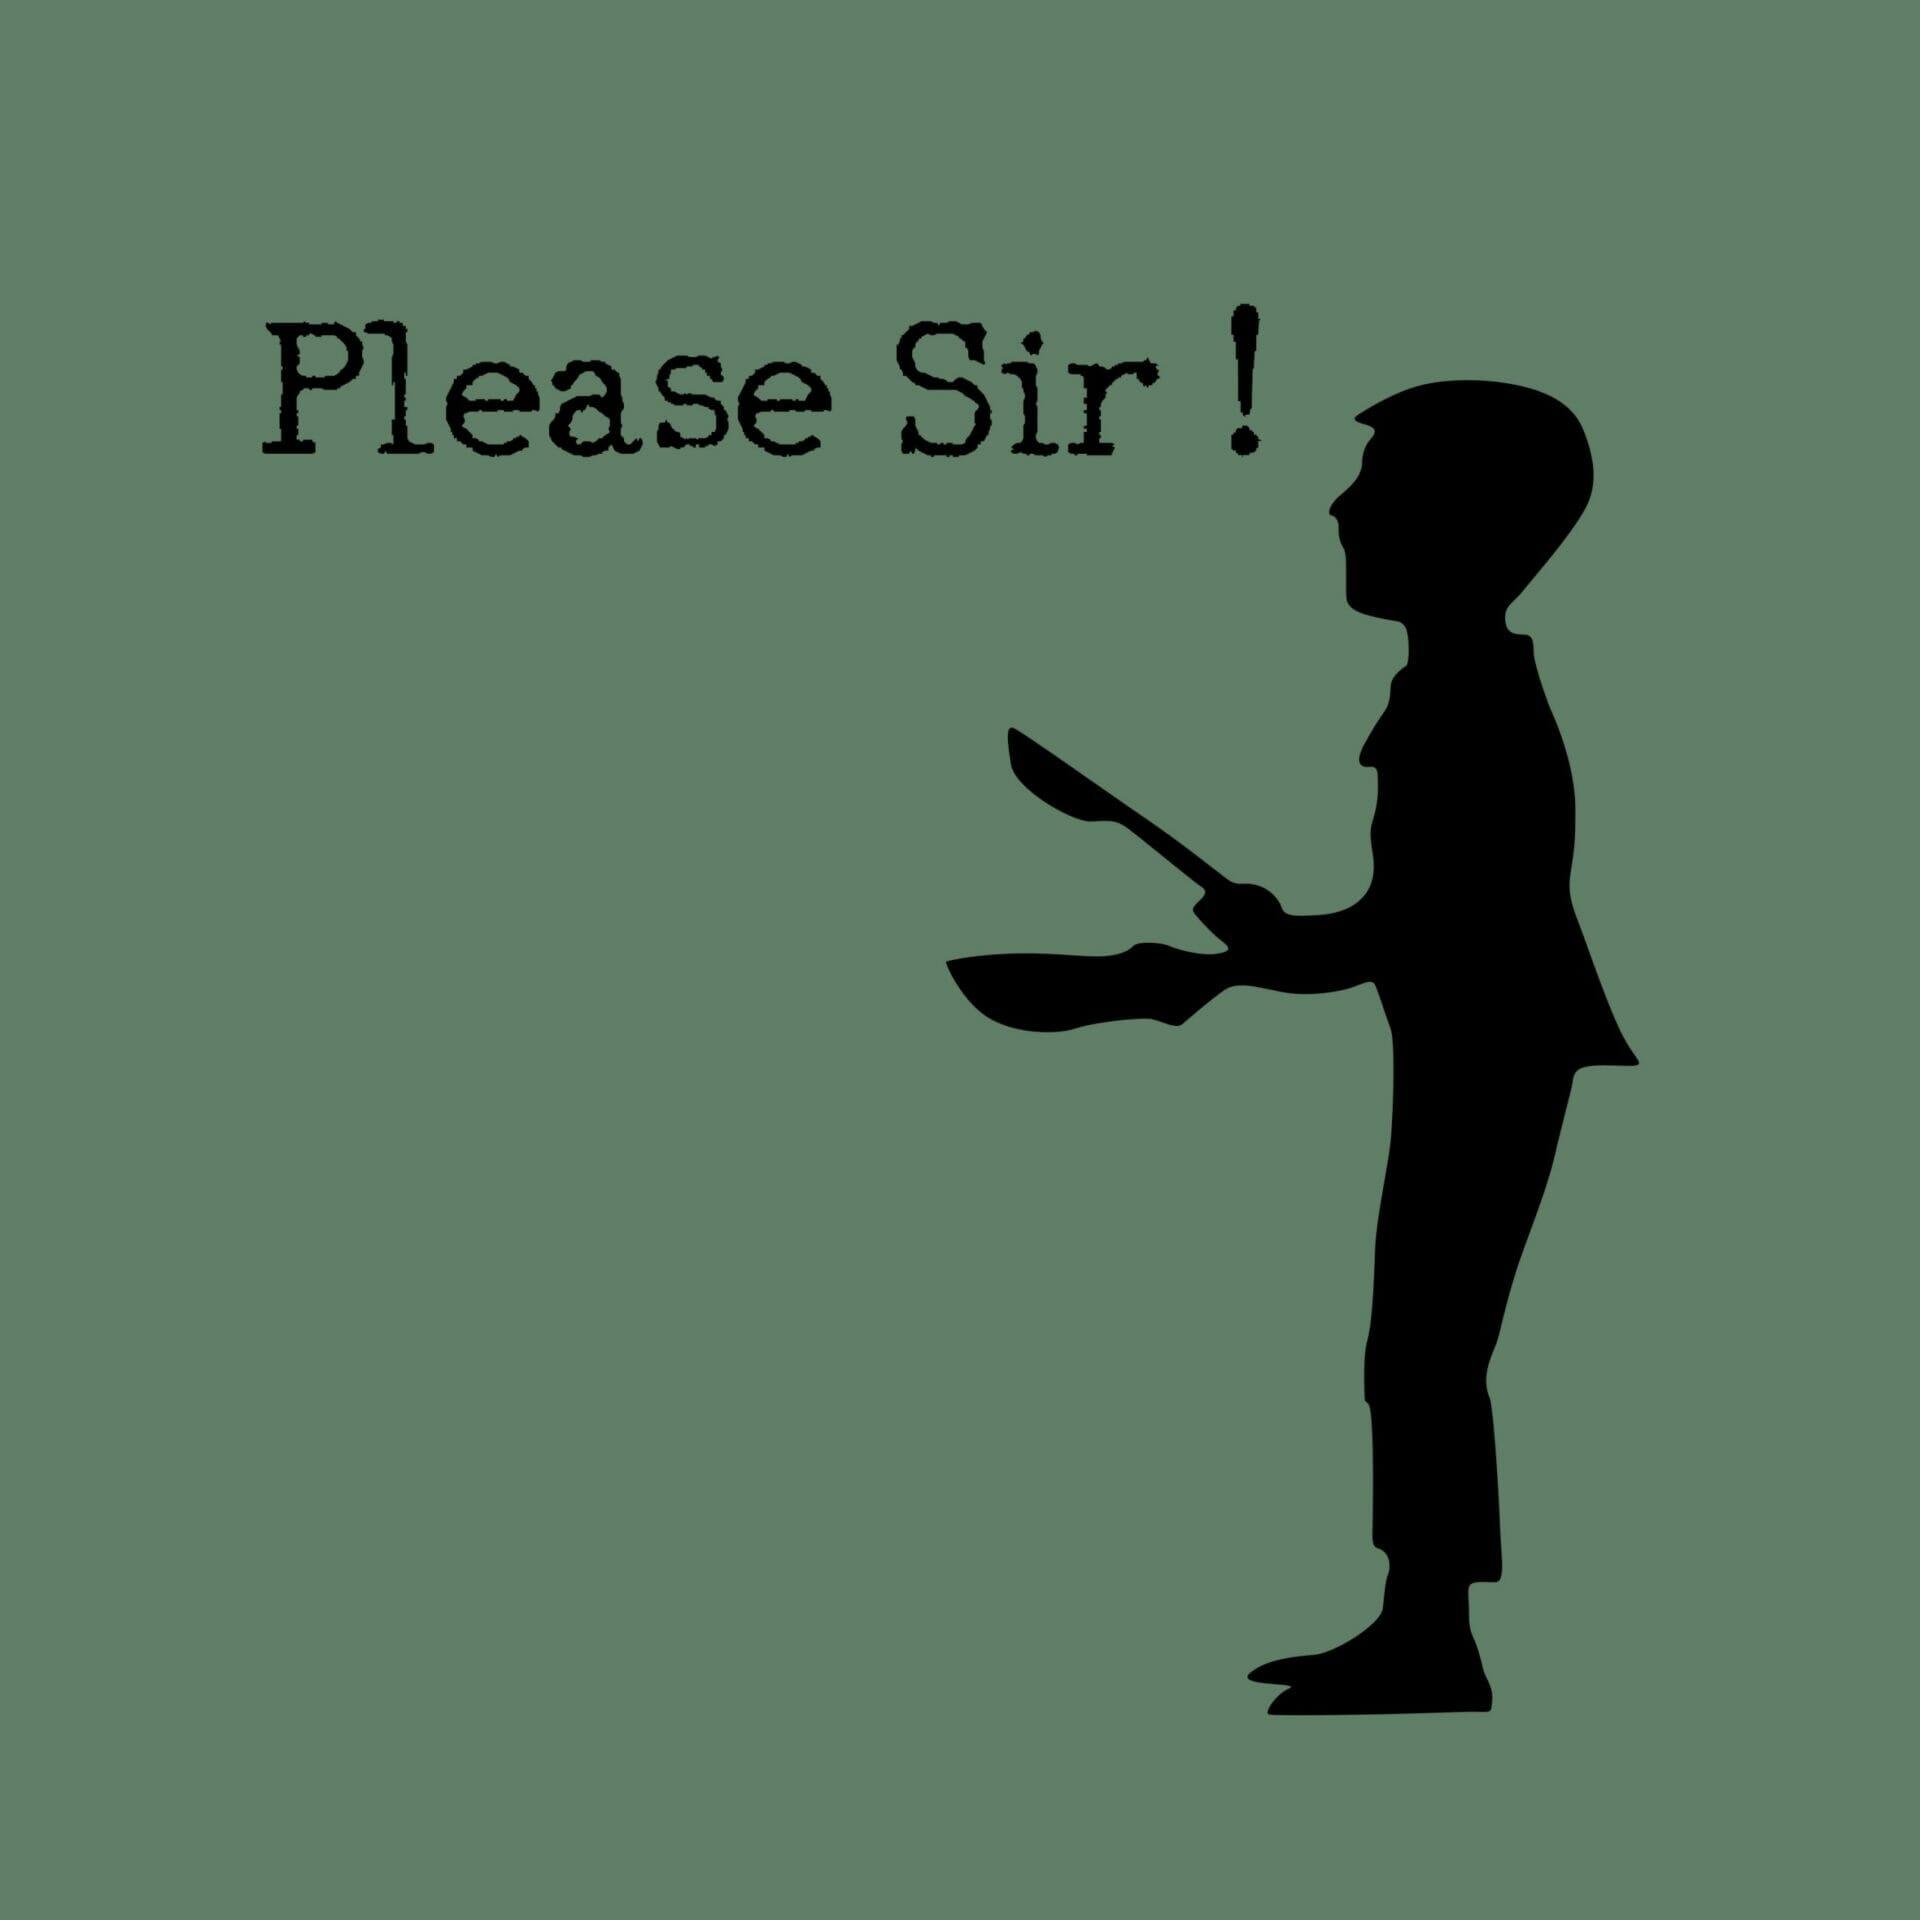 Please Sir ! TV. coming soon!